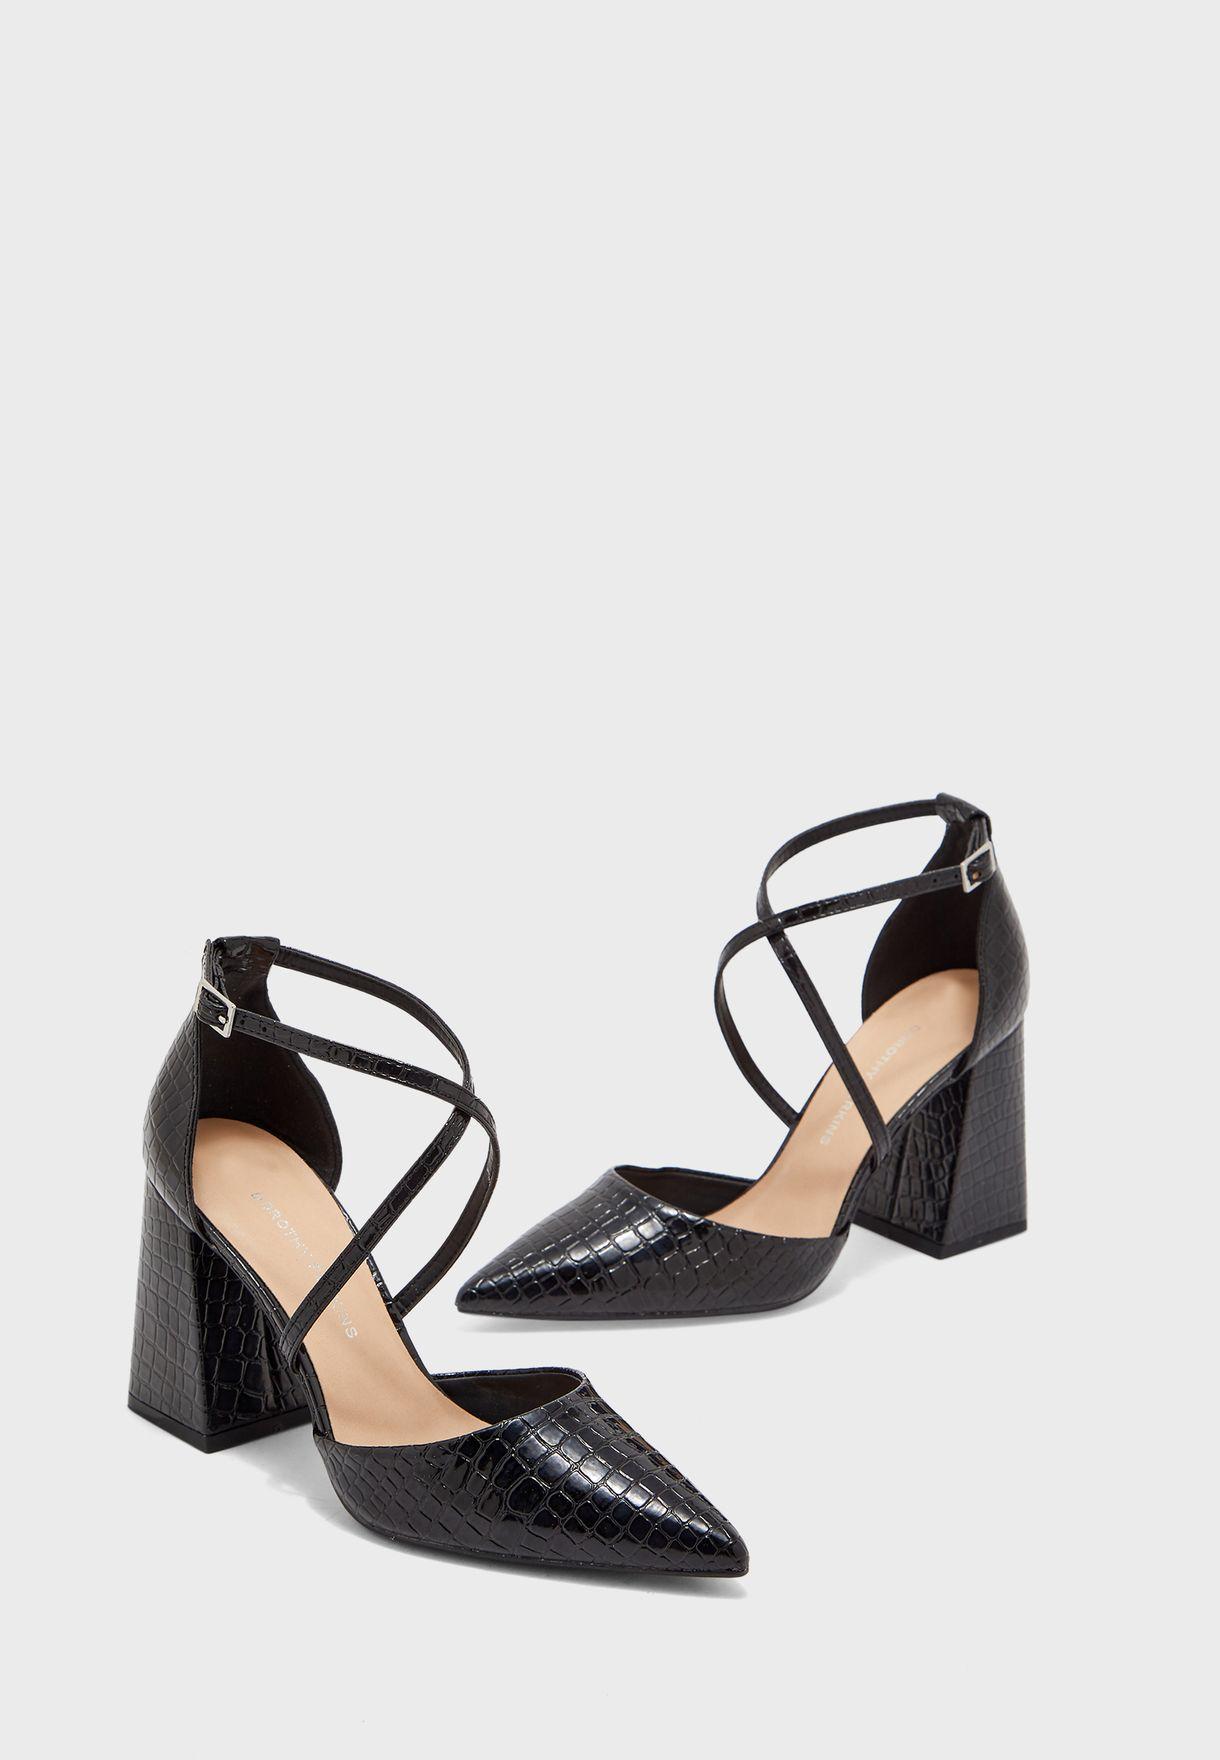 Ralph Lauren black chunky heel pumps